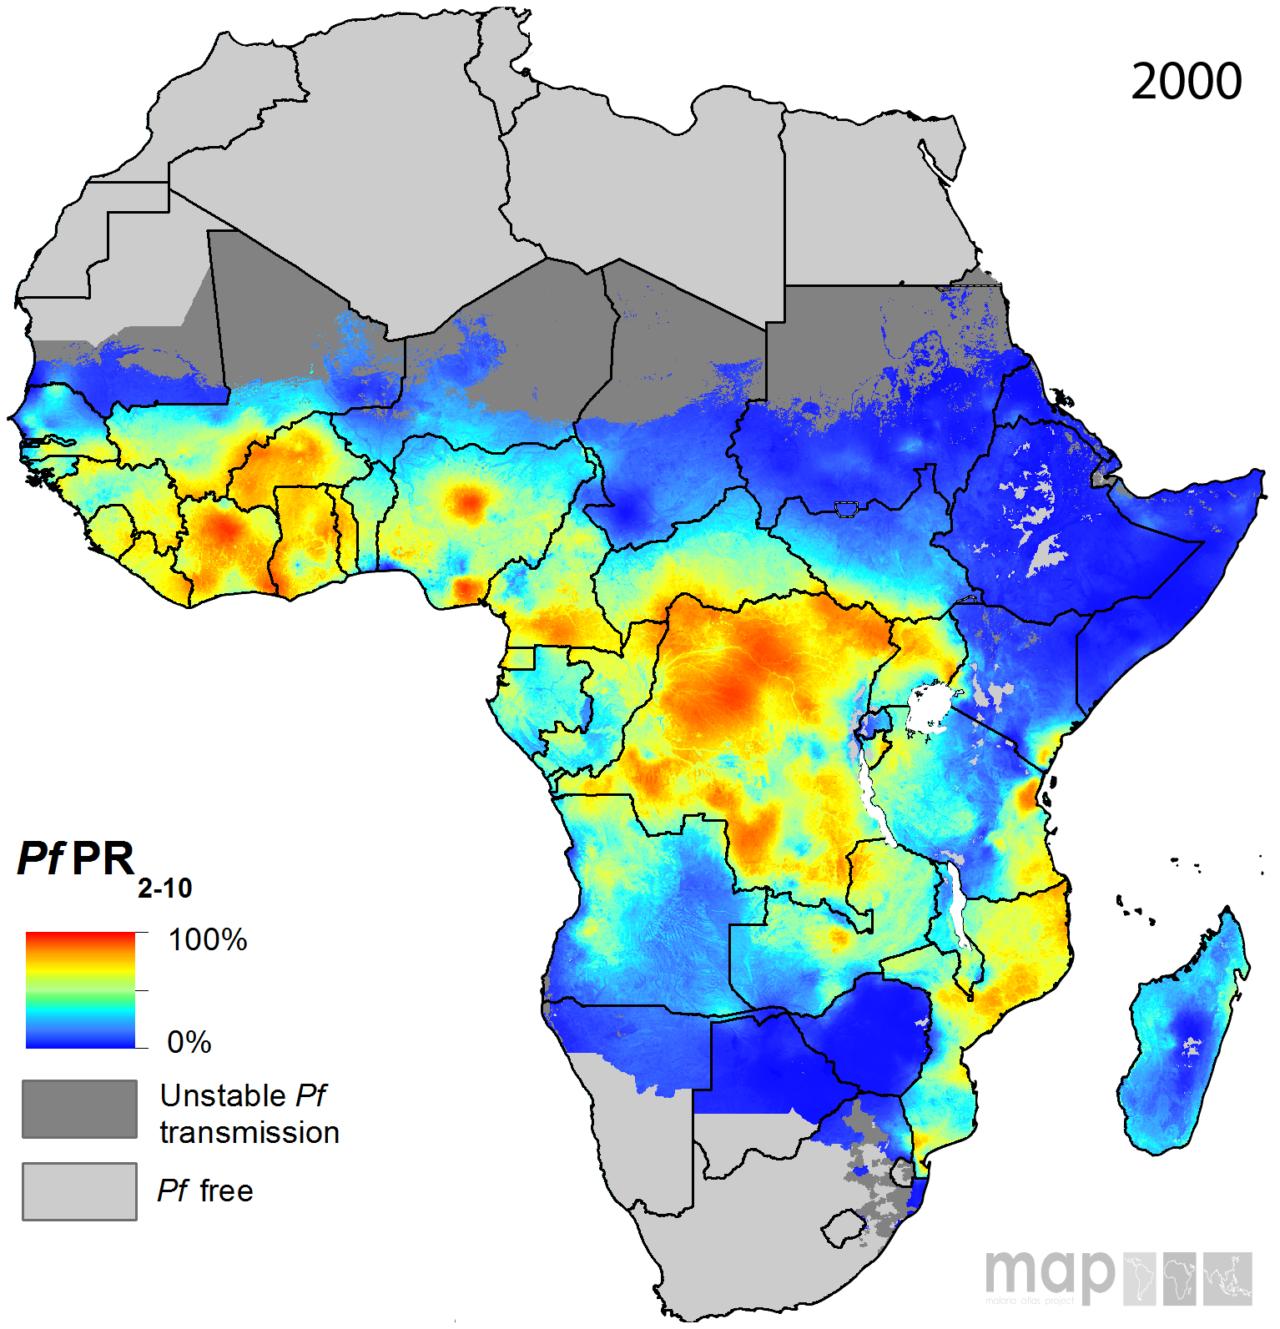 Afrique : la lutte contre le paludisme est efficace